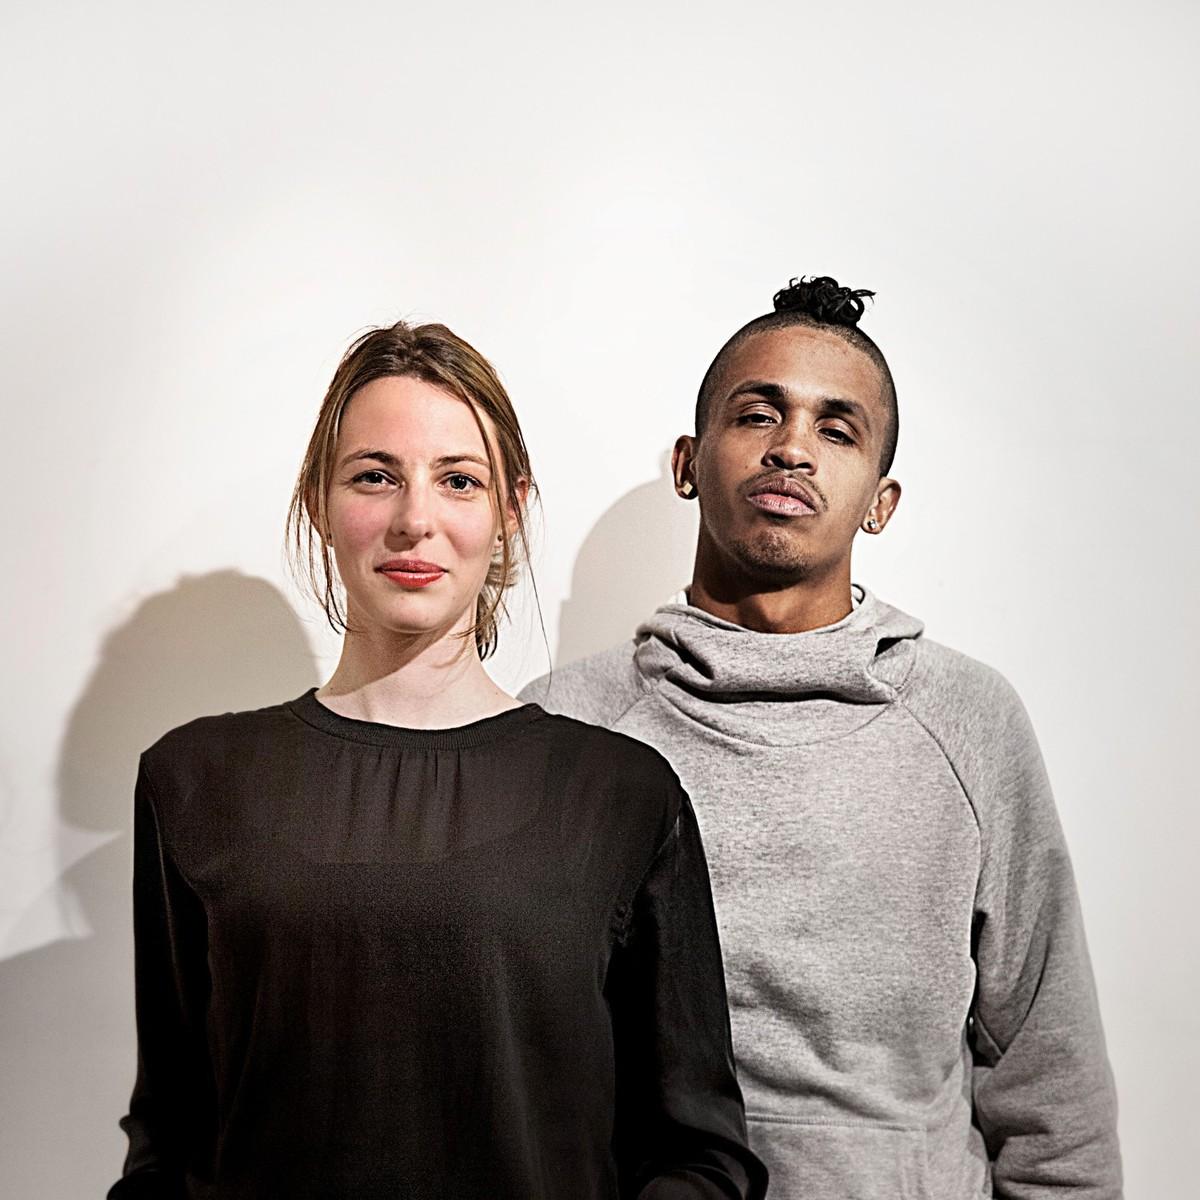 Nathalie Frankowski and Cruz Garcia. Founders of WAI Think Tank. Photo by Christin Melz.